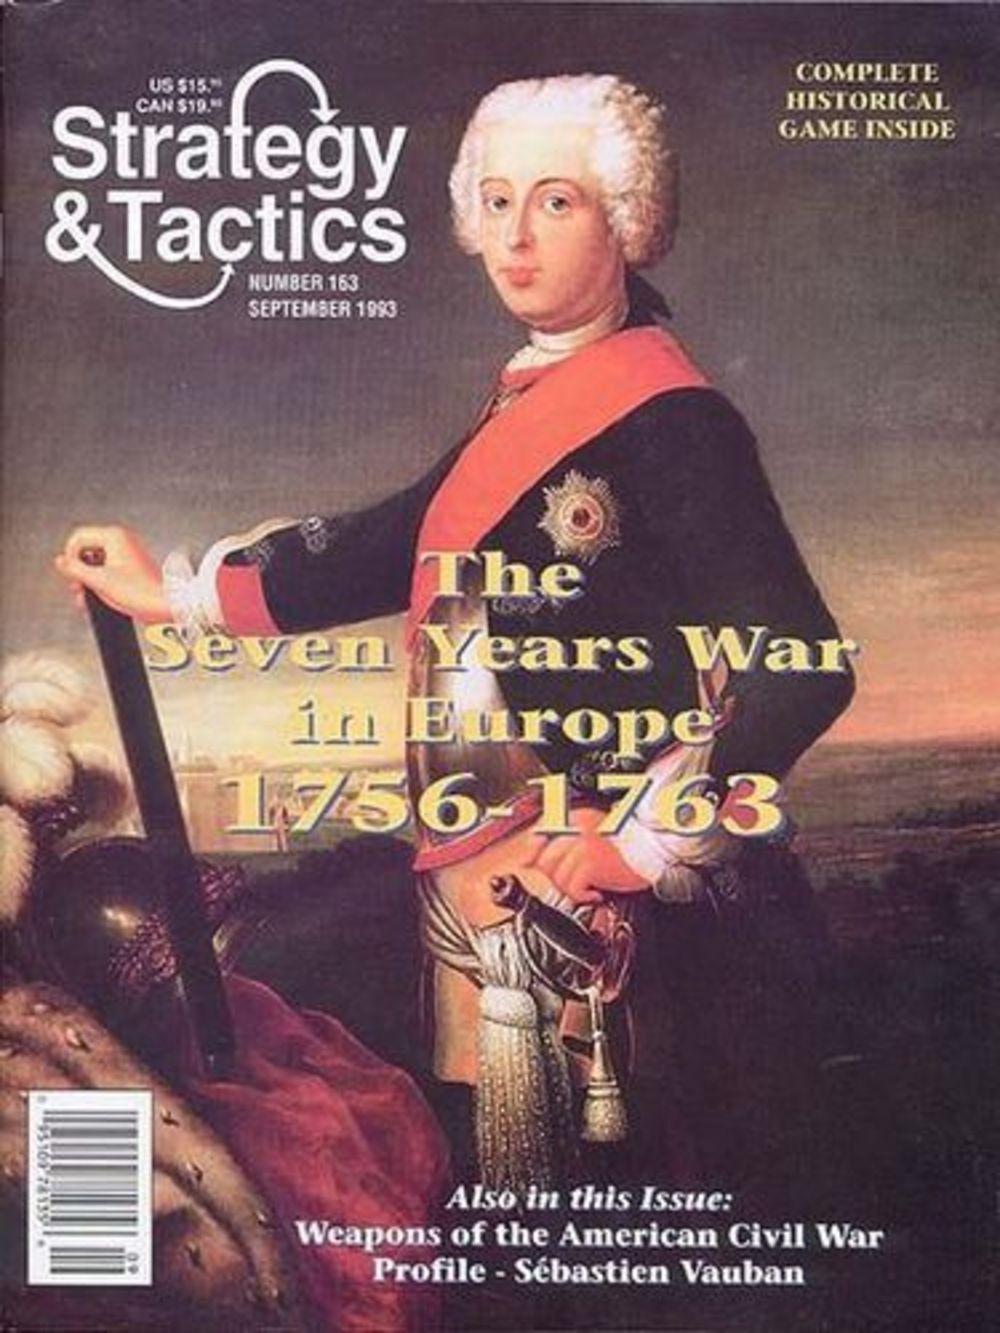 Strategie & Taktik Zeitschrift Nummer Nummer Nummer 163 The Seven Jahre Krieg in Europa - 2dd97c